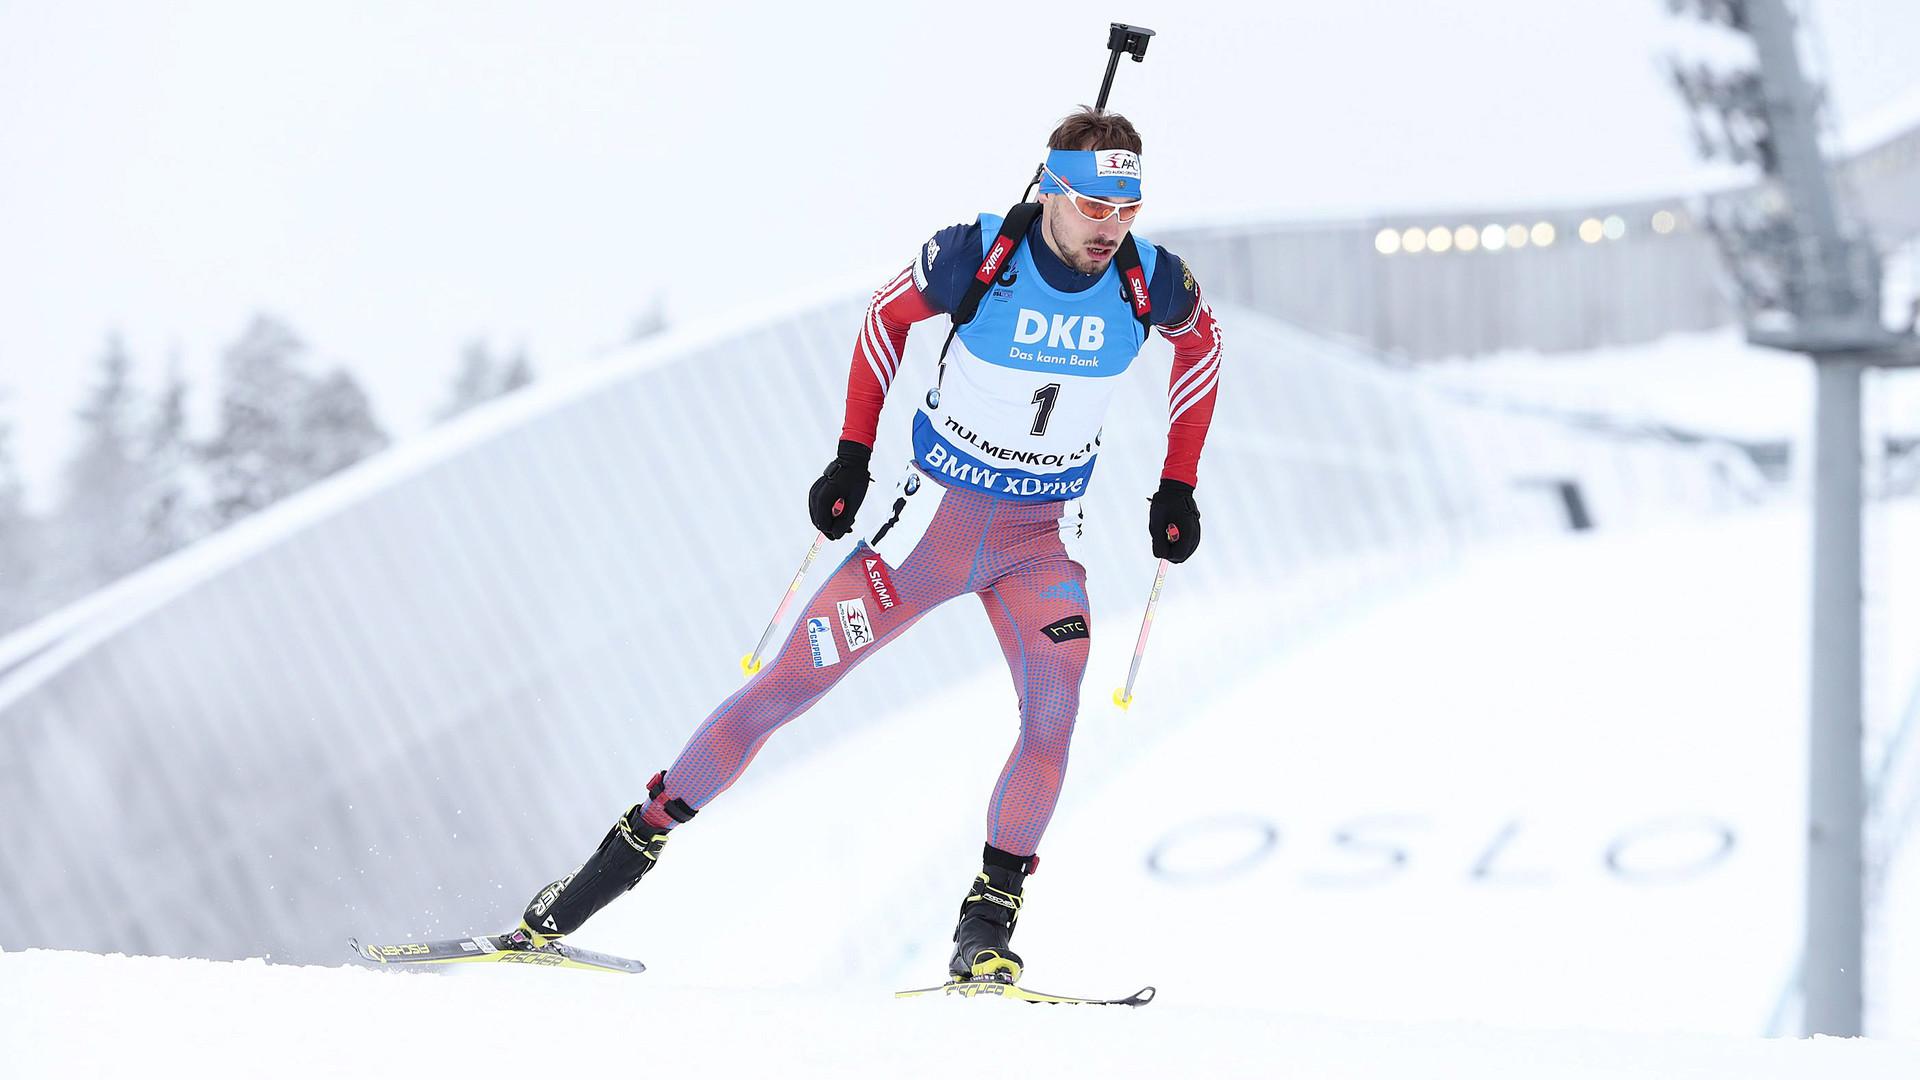 МОК отвергнул заявки всех лидеров конькобежной сборной Российской Федерации научастие вОлимпиаде